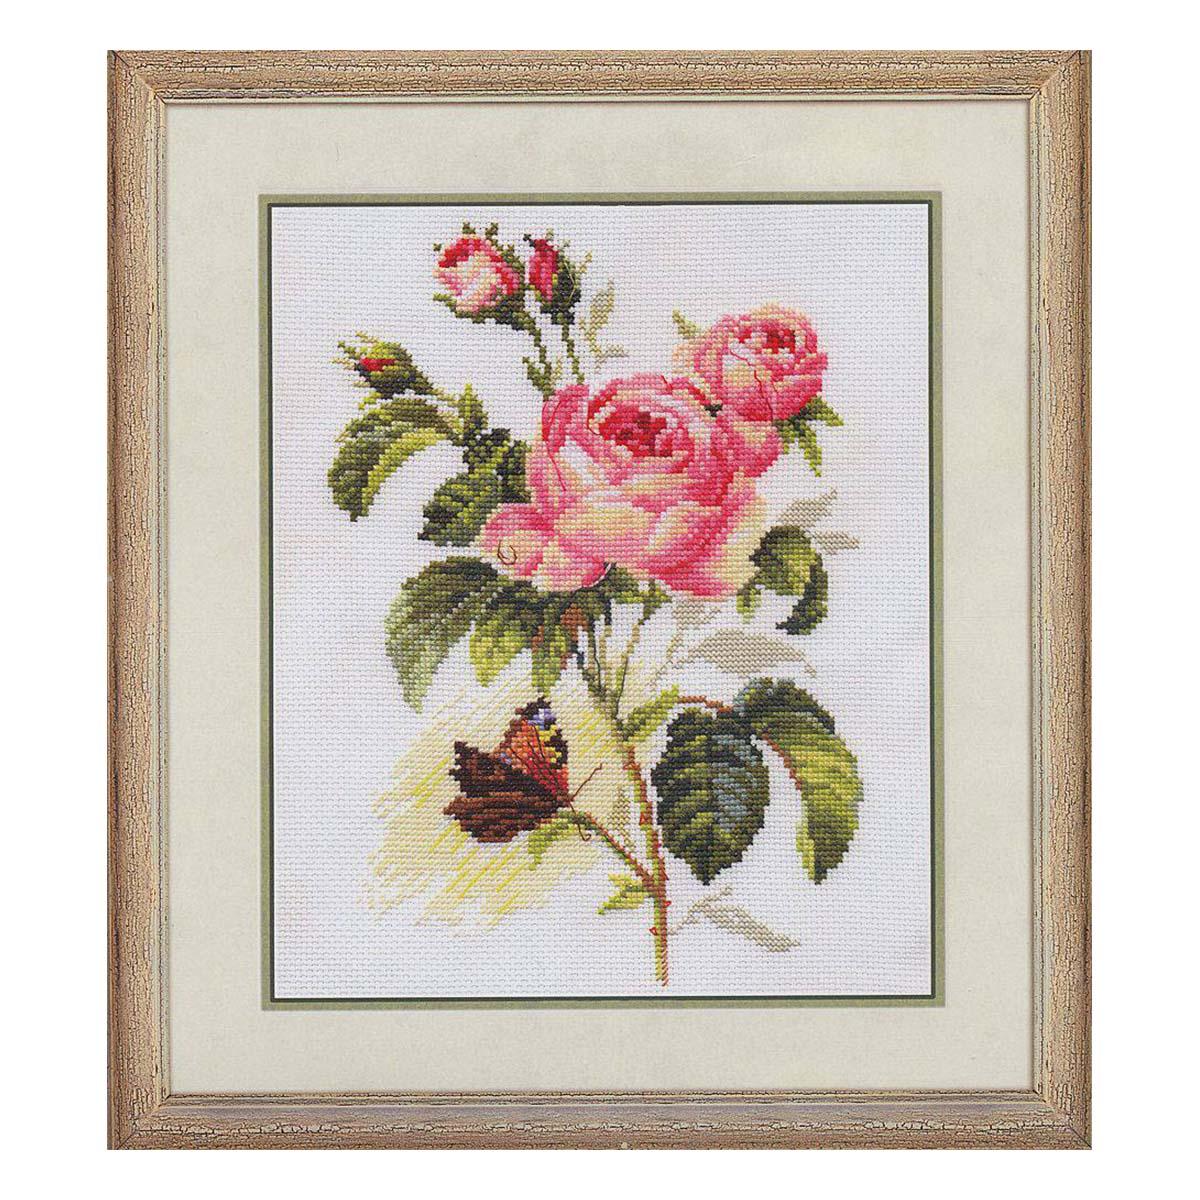 2-13 Набор для вышивания АЛИСА 'Роза и бабочка' 17*25см